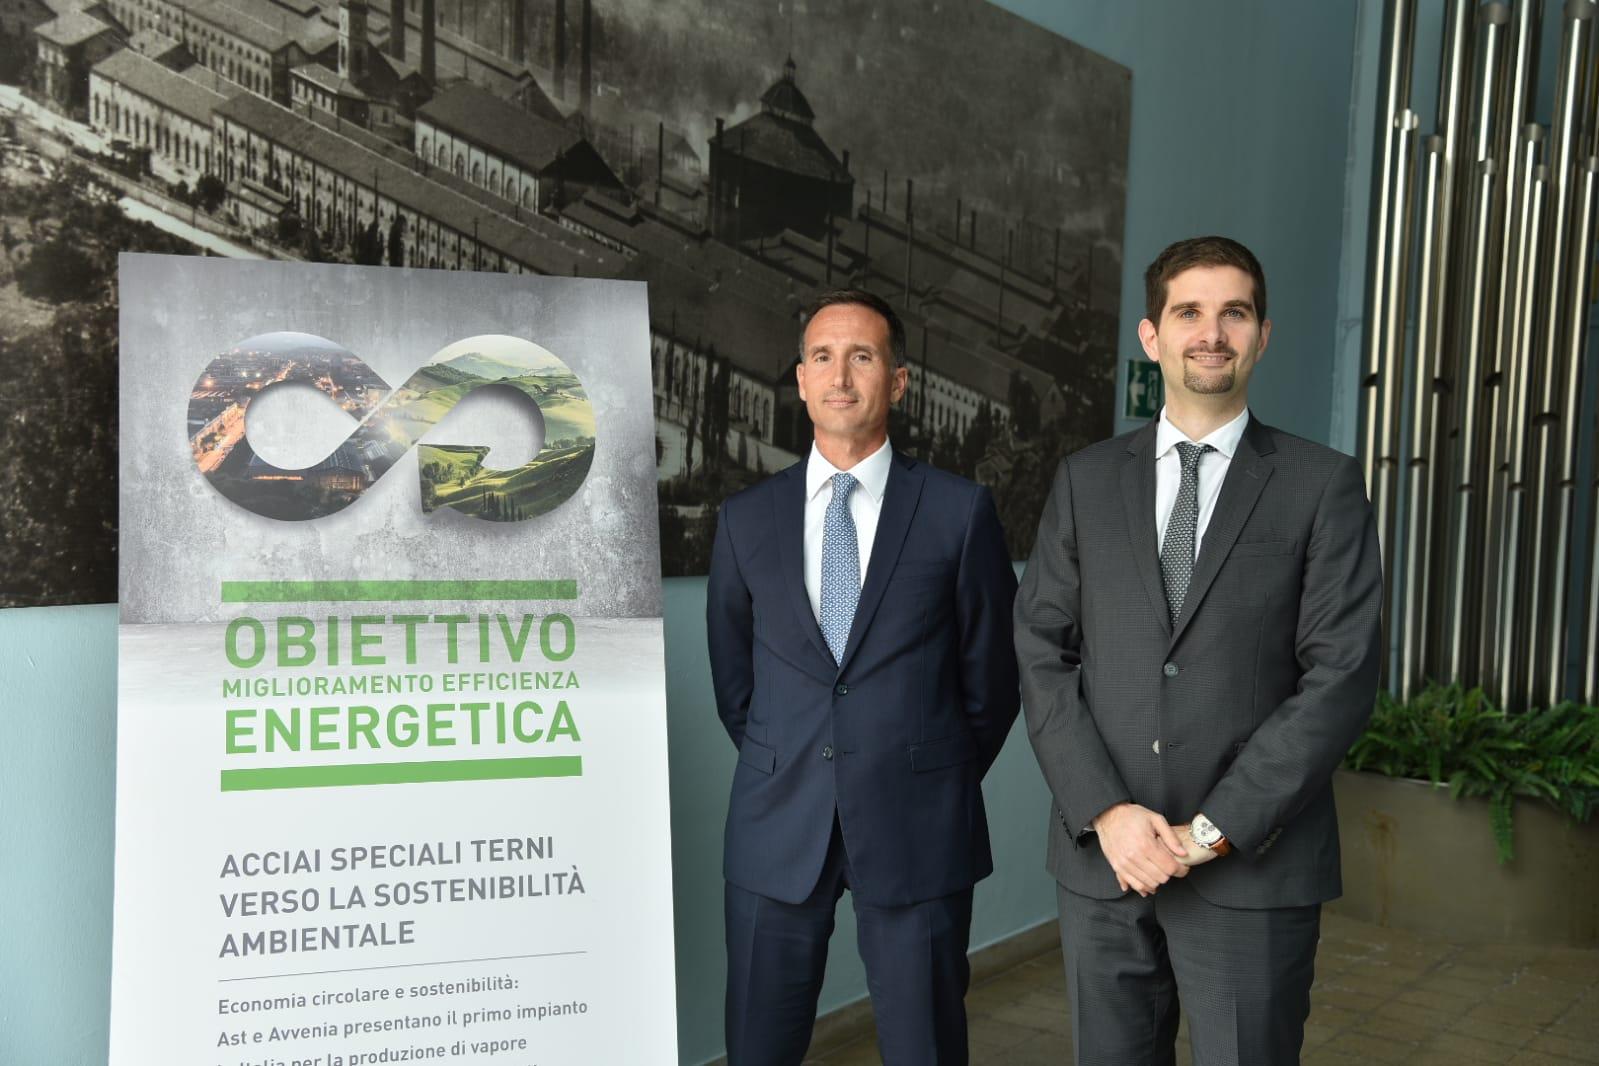 Luca Piemonti Francesco Campaniello - Avvenia AST Inaugurazione Nuovo Impianto Acciaio Terni 2019